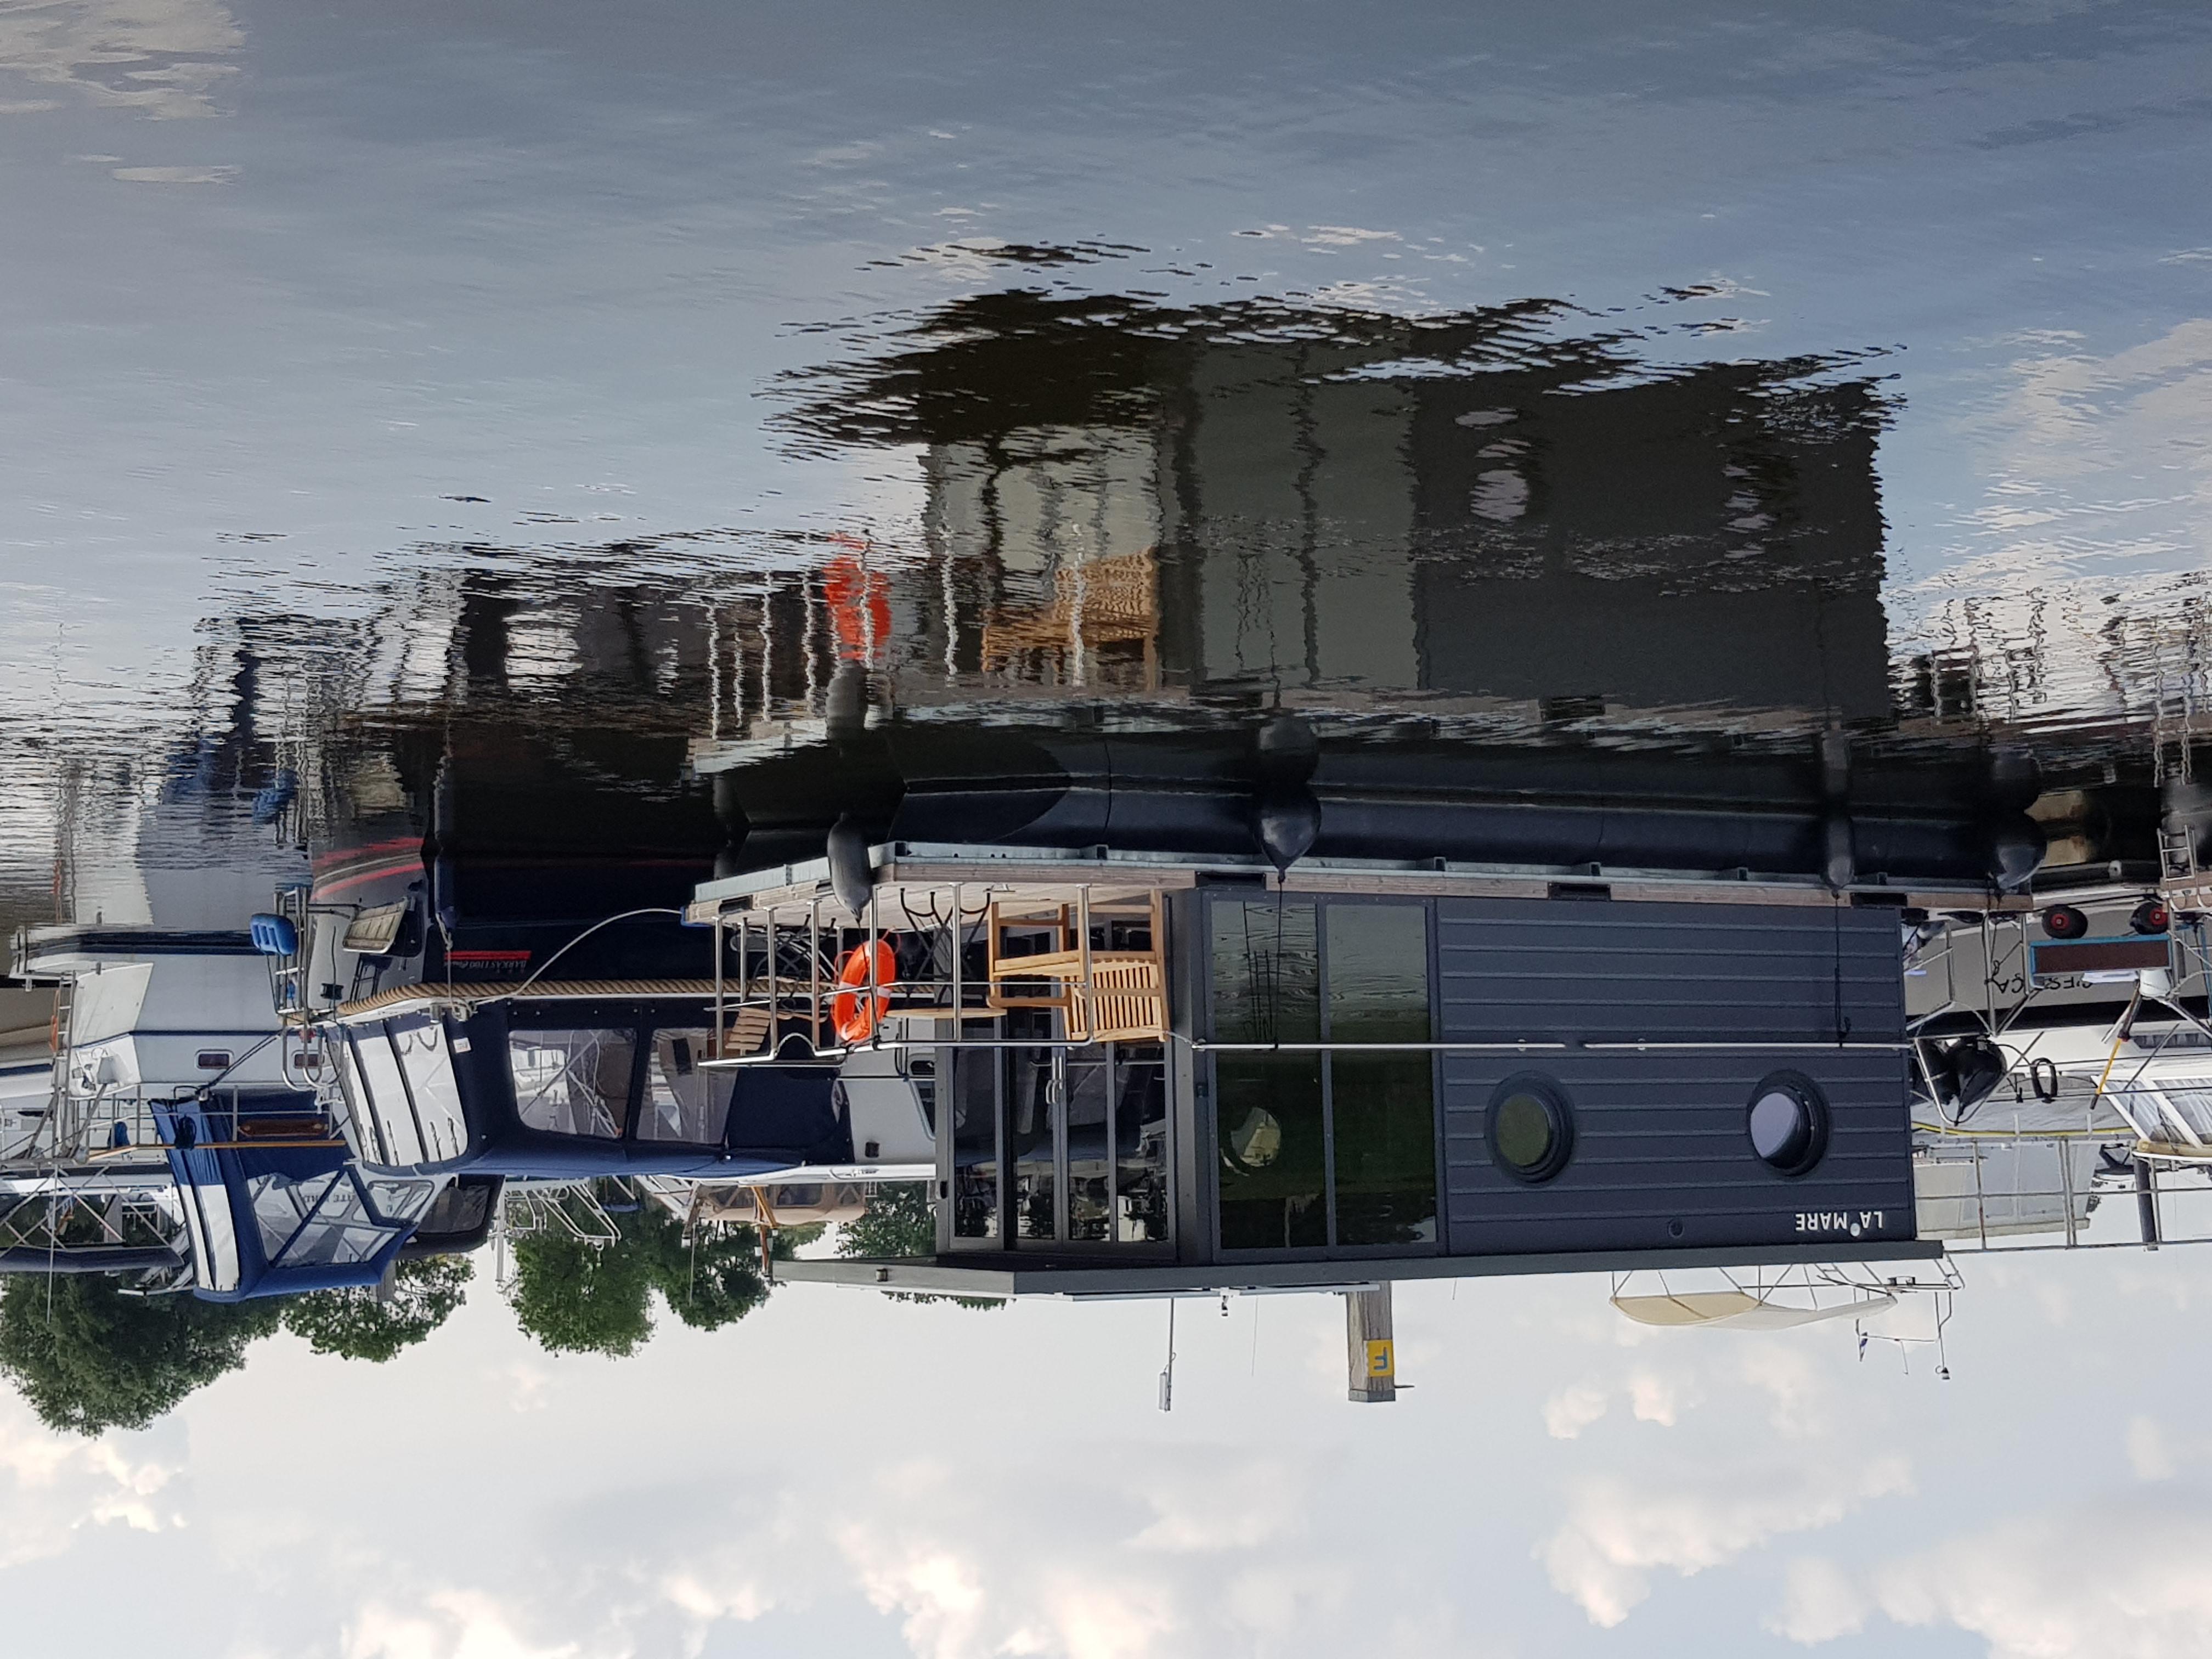 Houseboat lucky